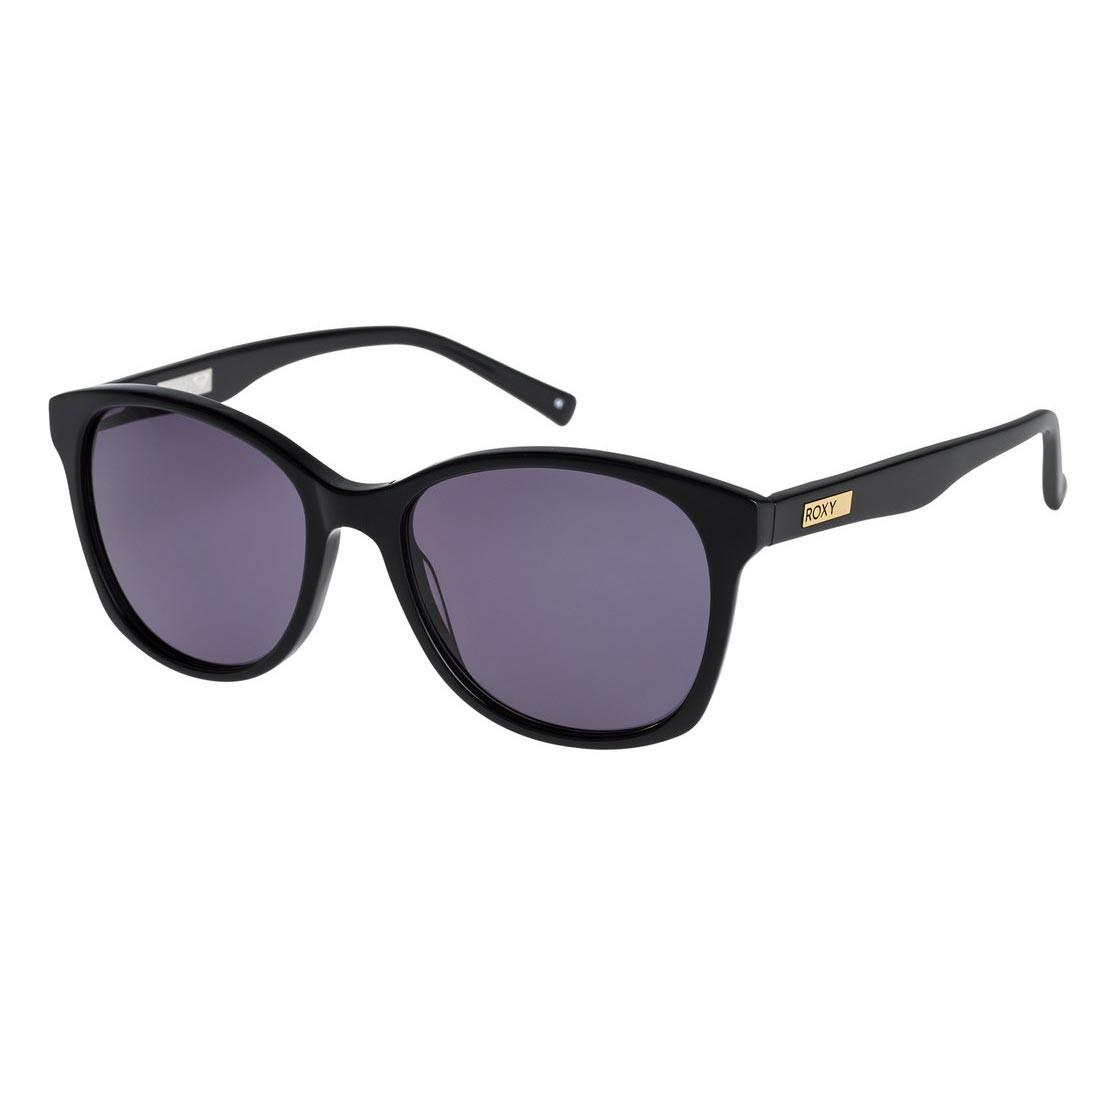 Sluneční brýle Roxy Thalia shiny black vel.BLUE 16 + doručení do 24 hodin